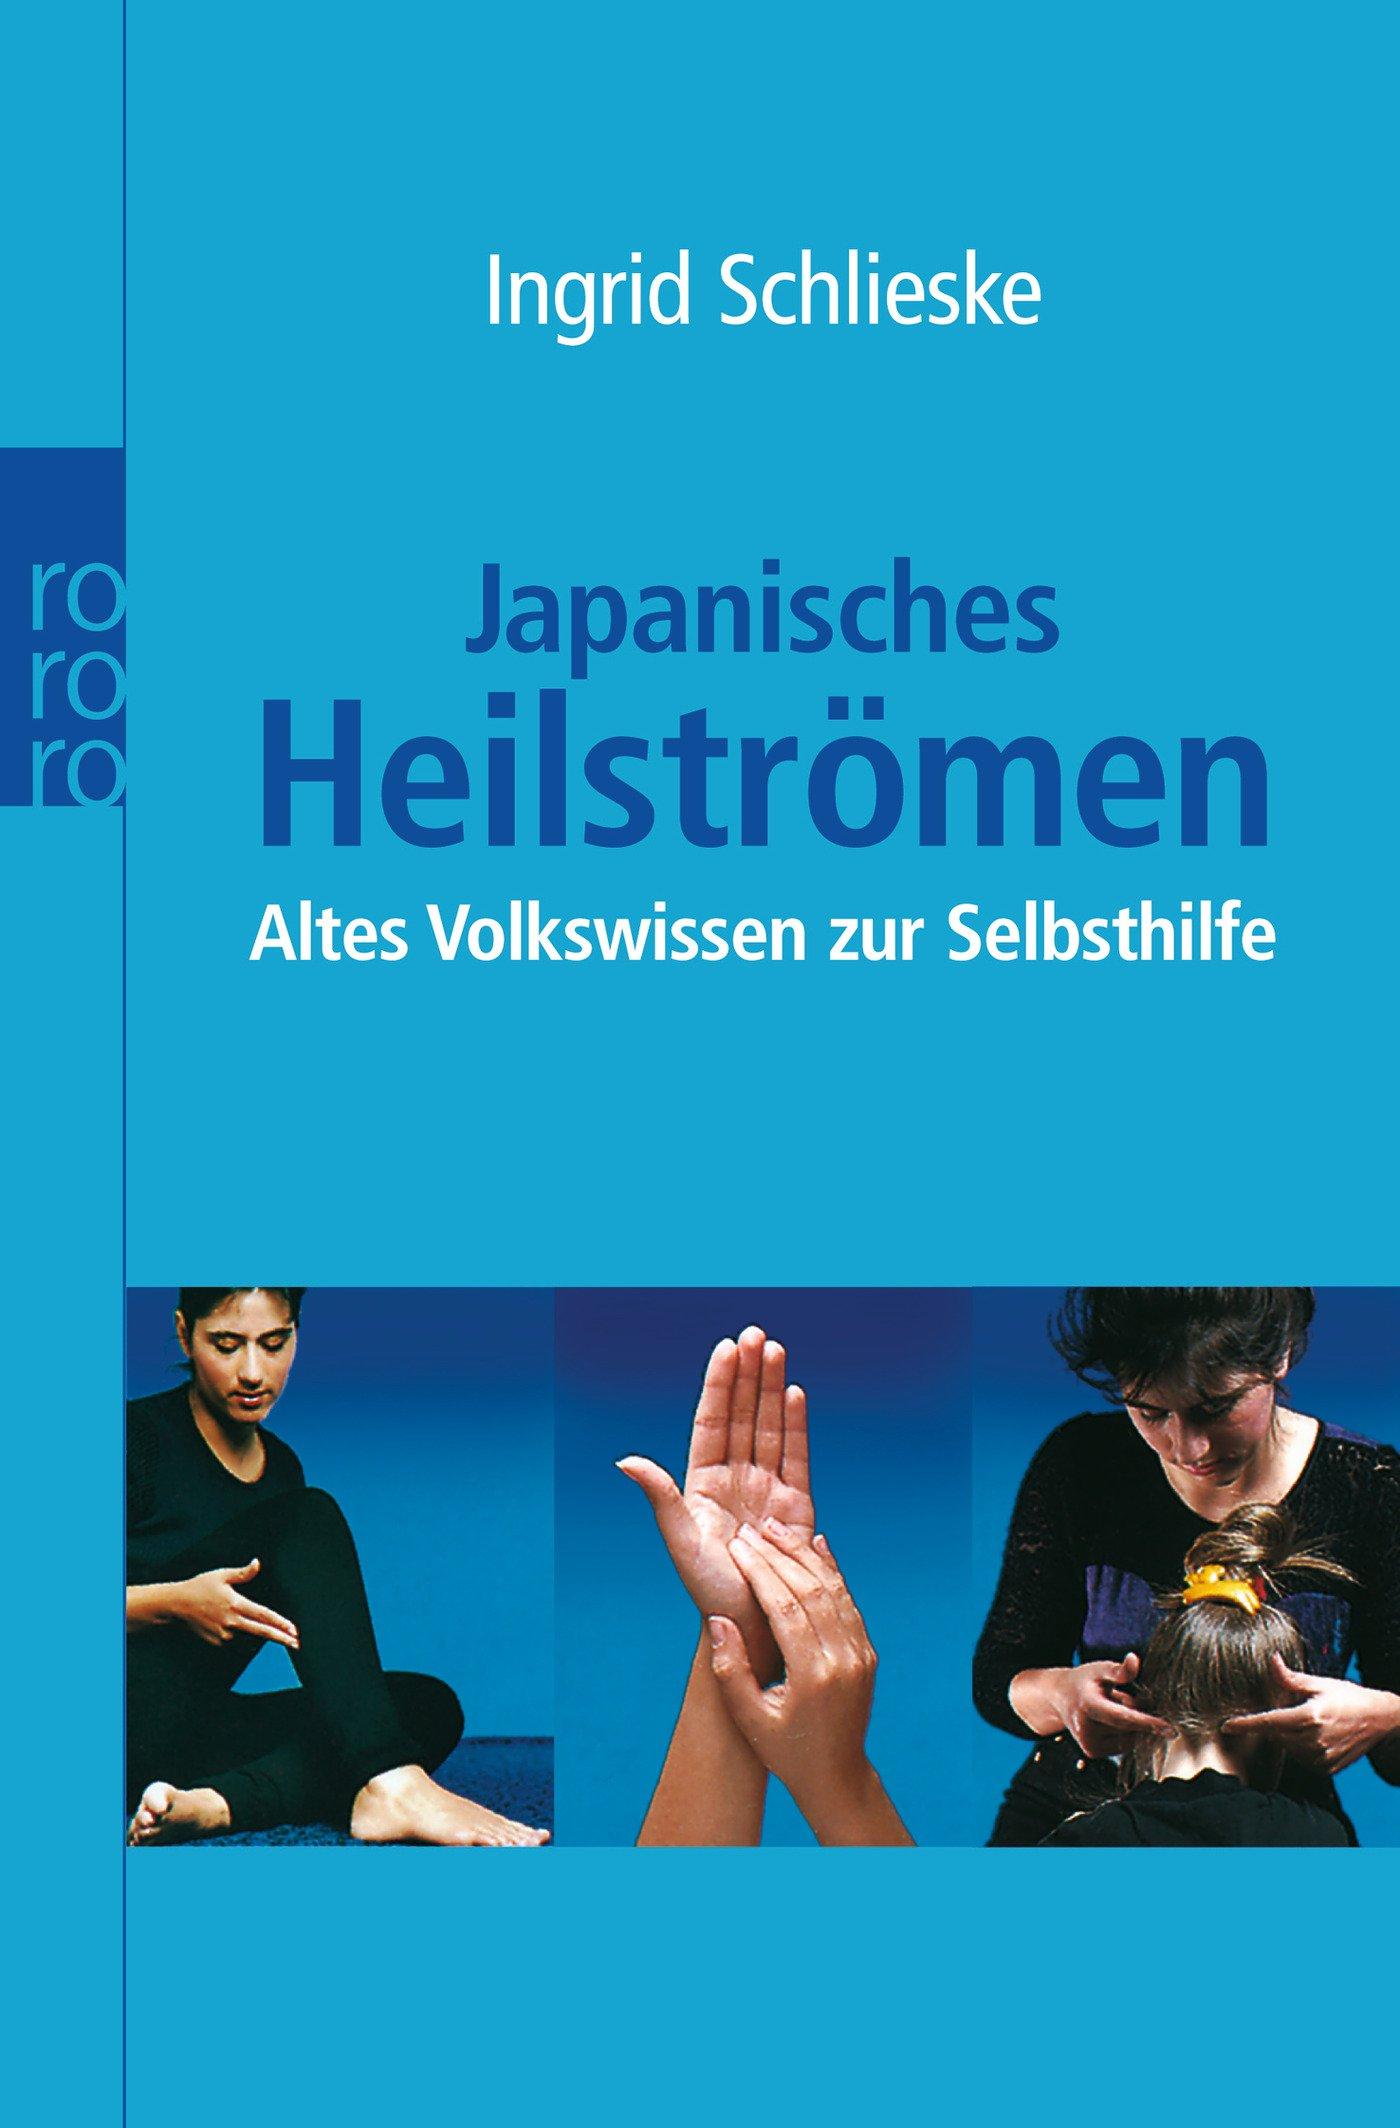 Japanisches Heilströmen: Altes Volkswissen zur Selbsthilfe